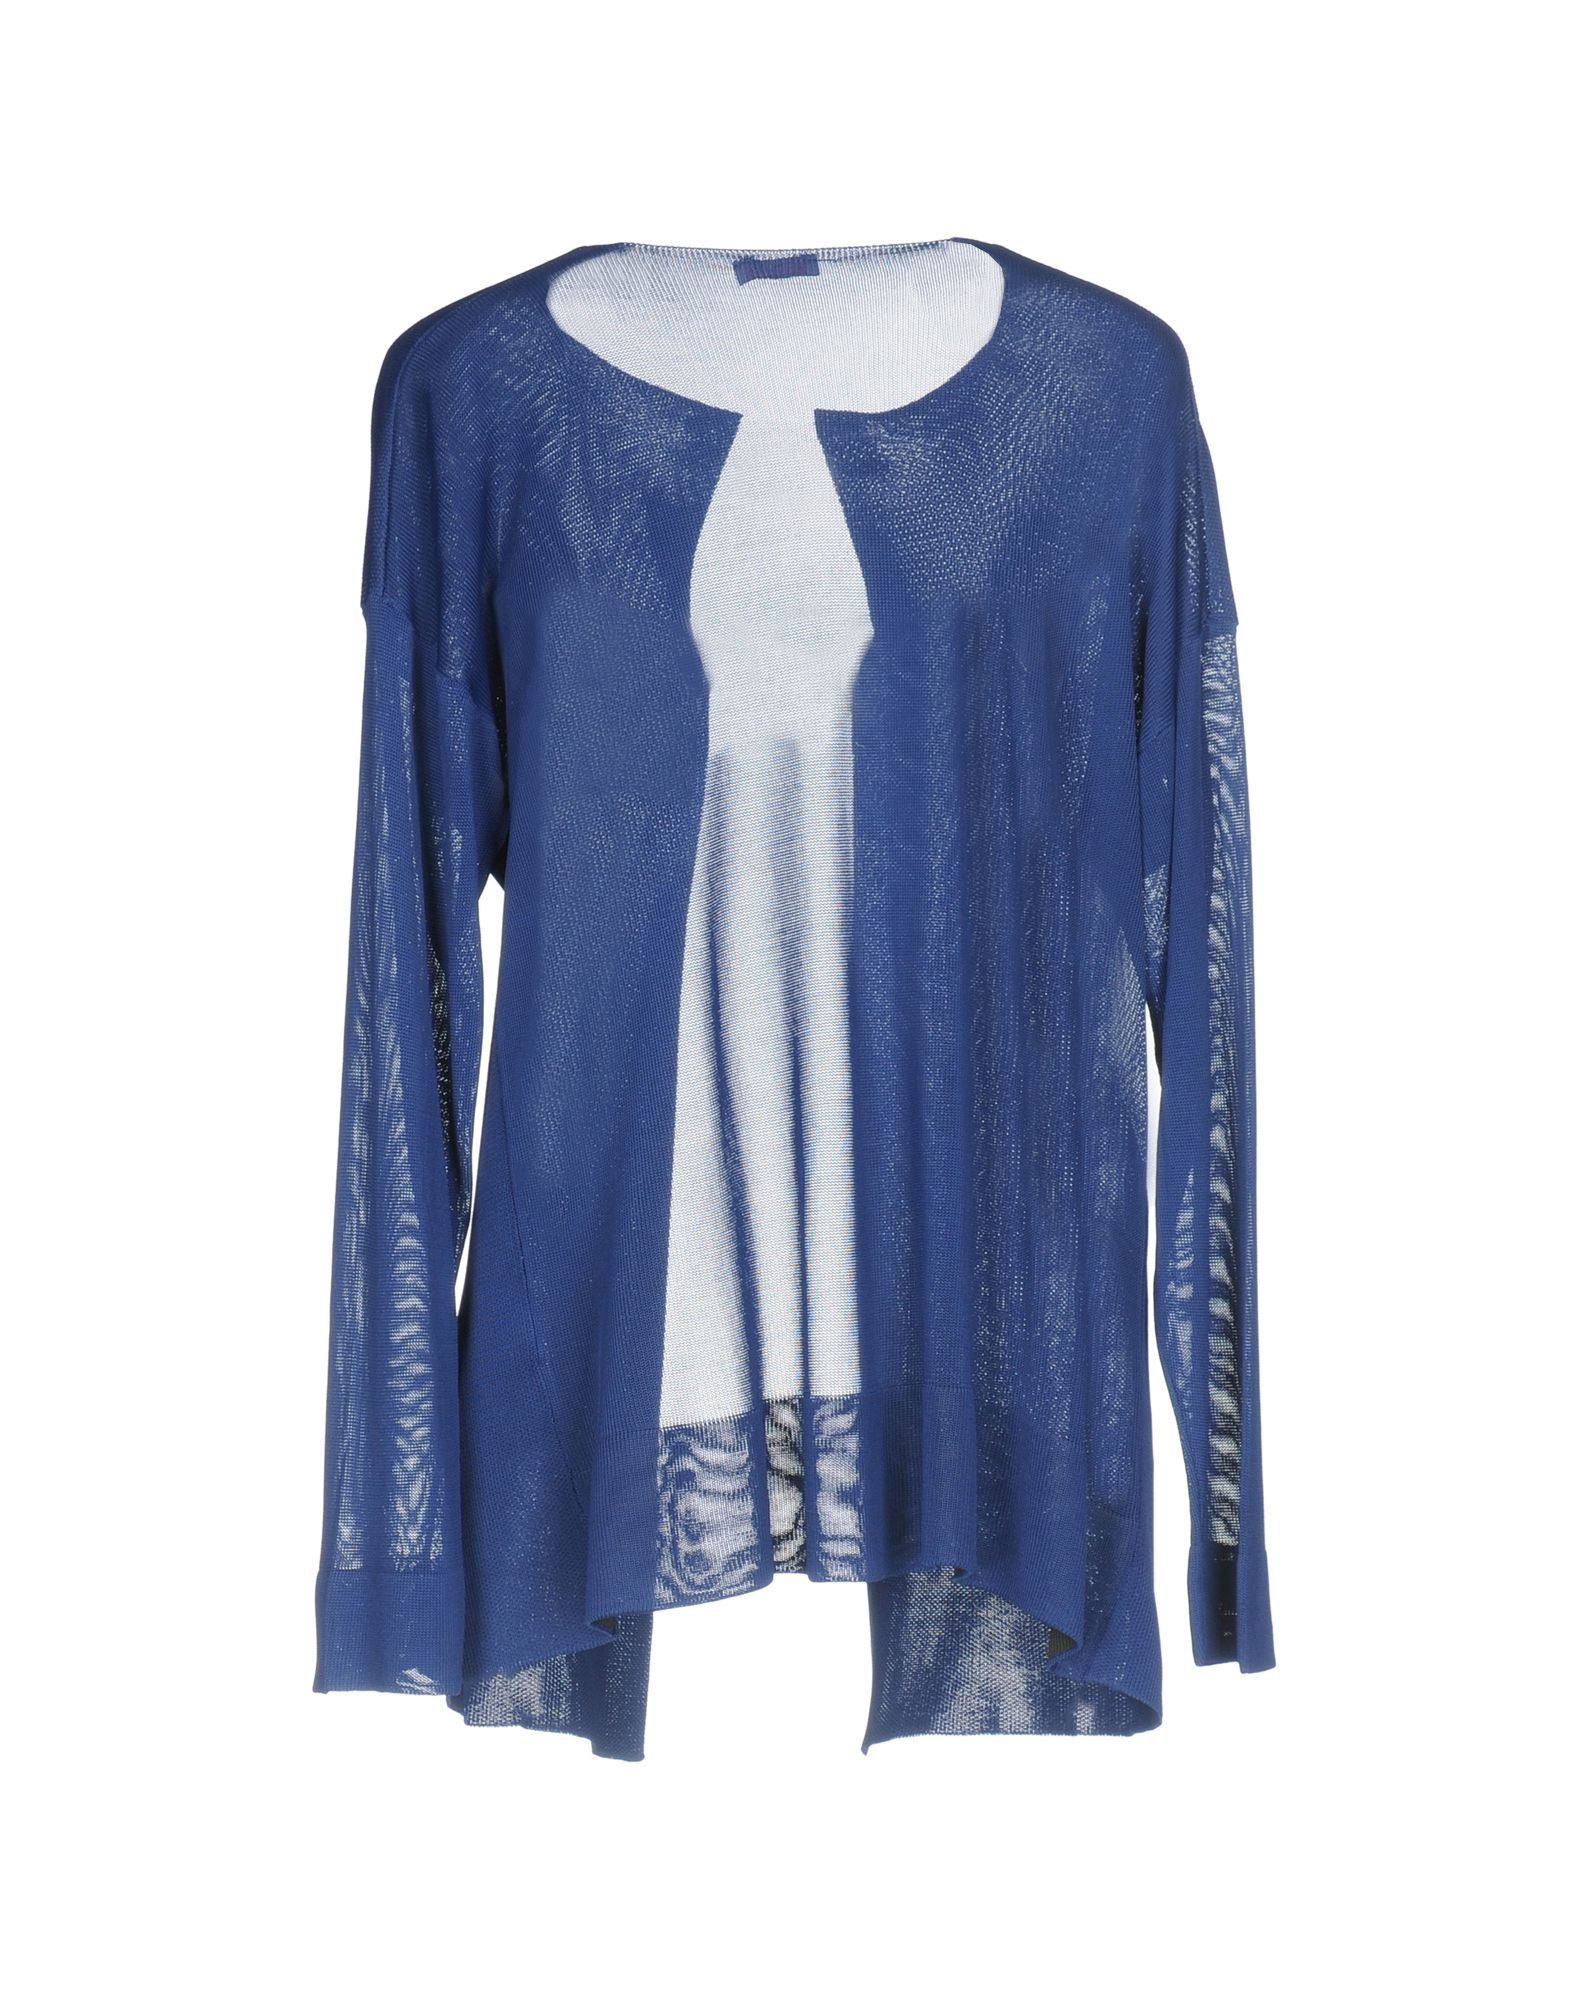 Knitwear Rossopuro Blue Women's Viscose